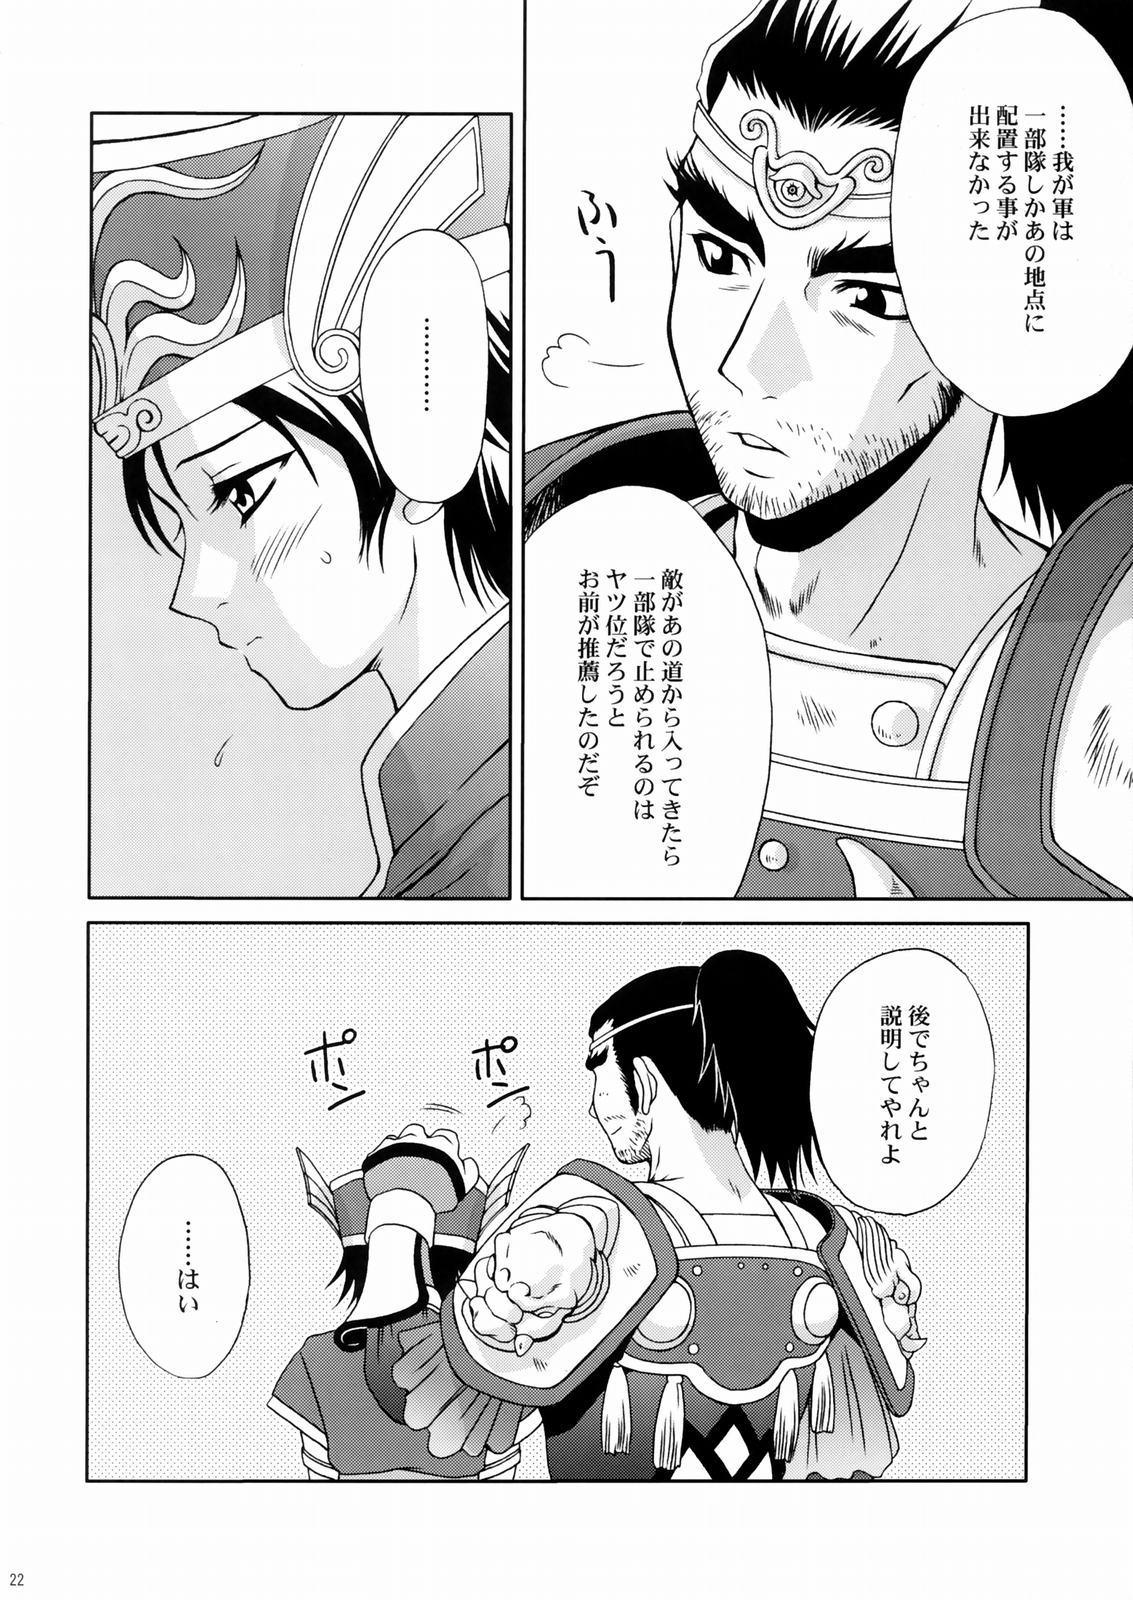 Rikuson-chan 20